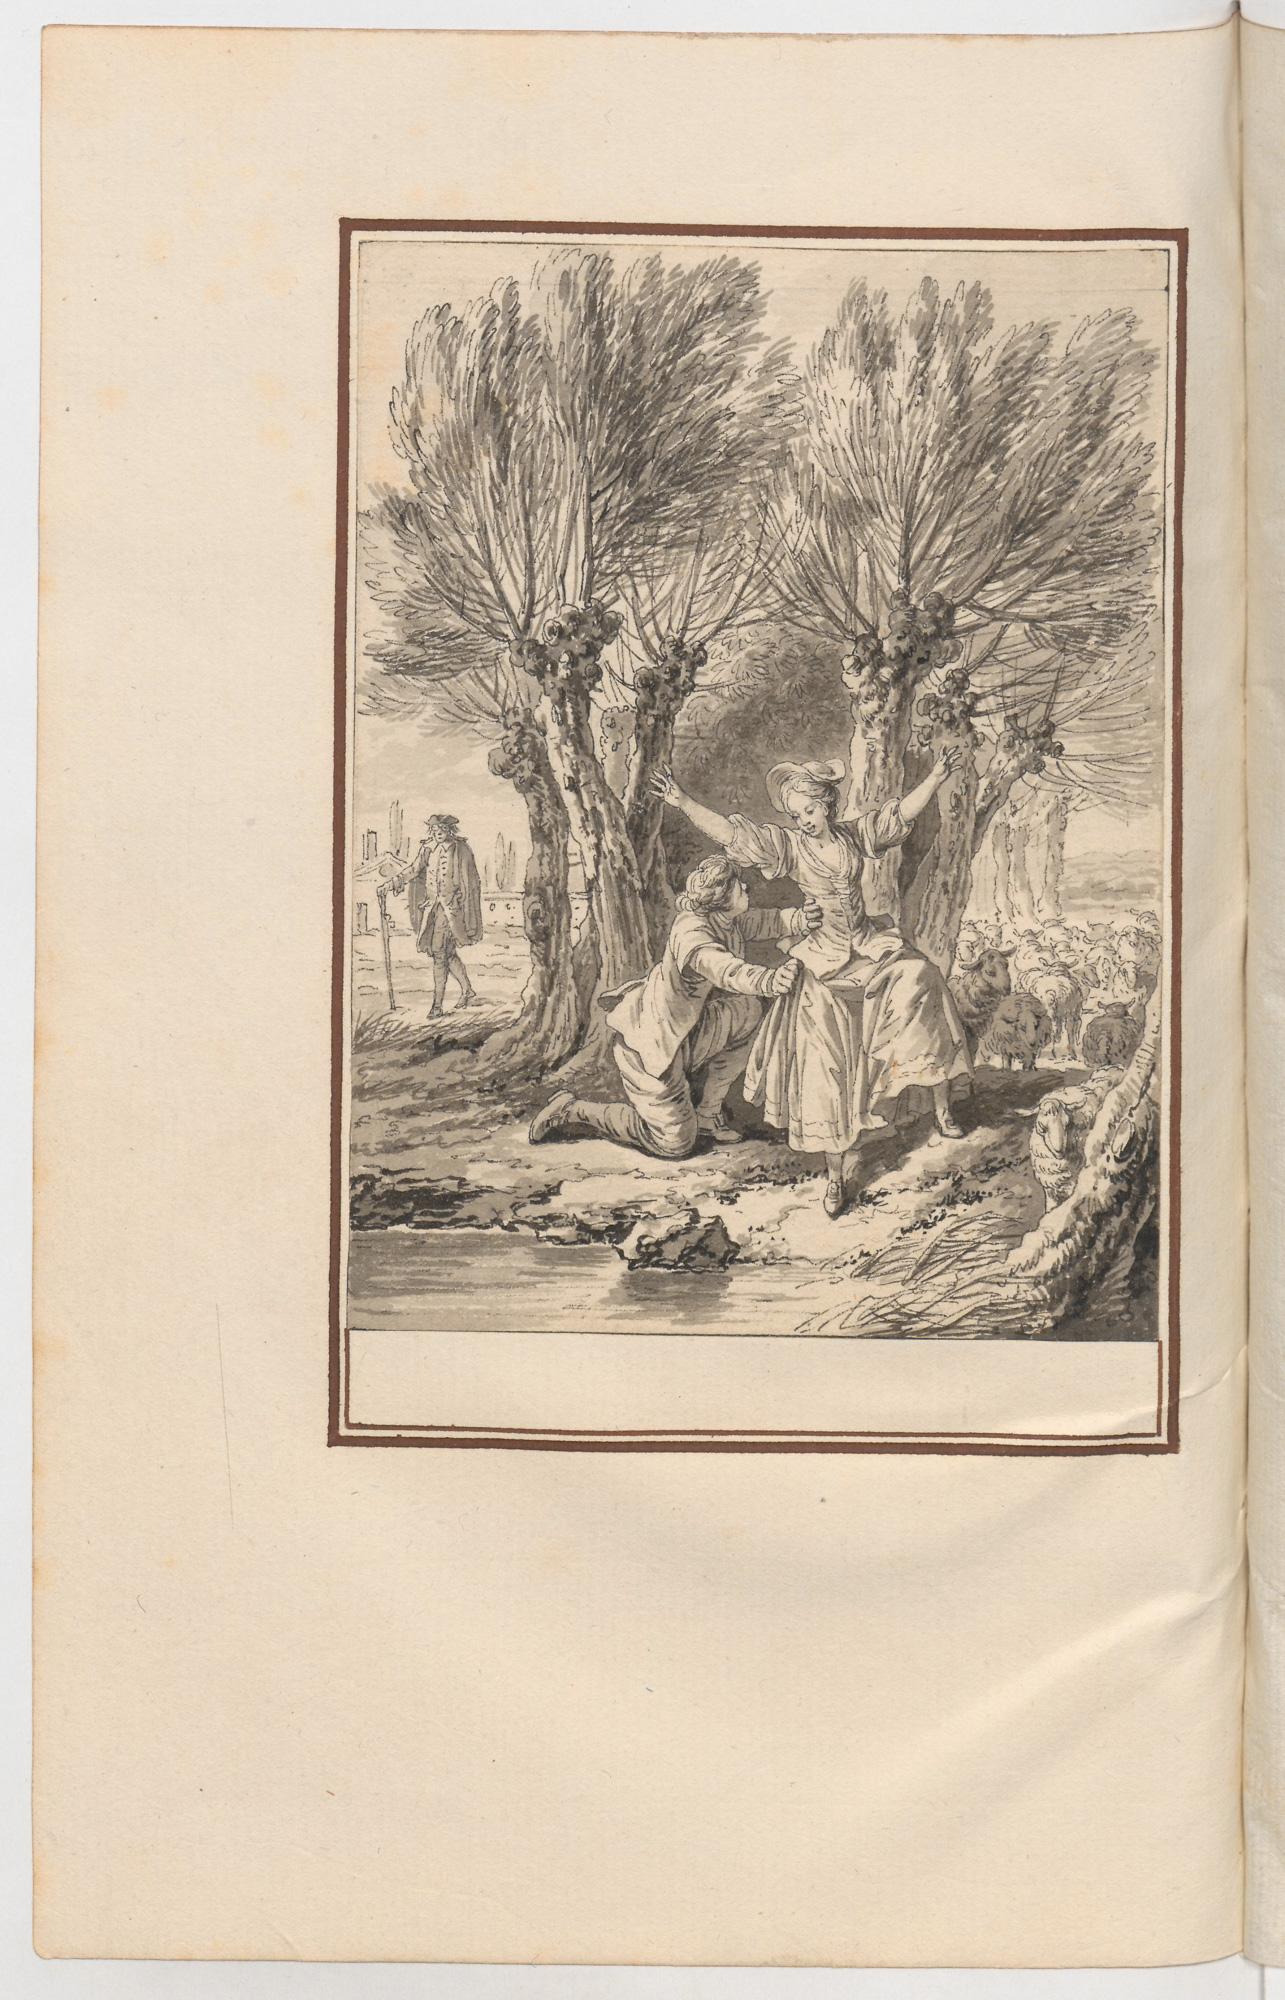 S.4.21 Le danger de tomber, Chantilly, Image